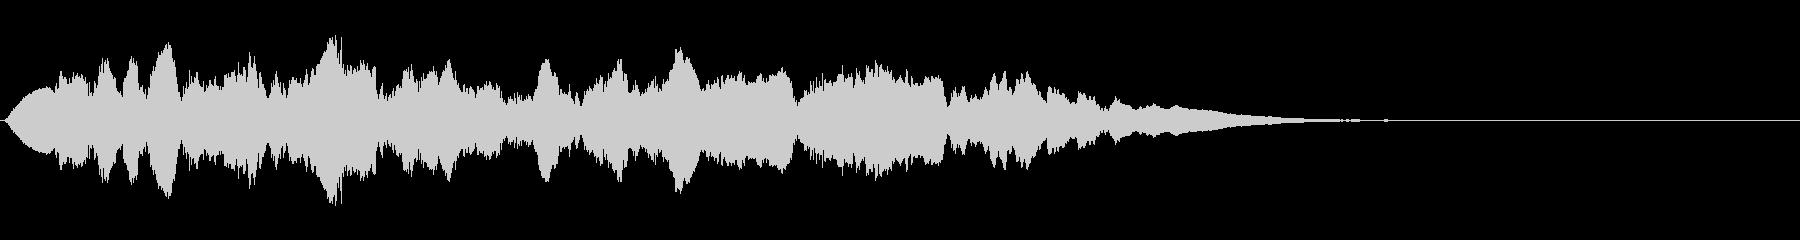 バイオリンのフレーズ06【悲しみ/憂い】の未再生の波形